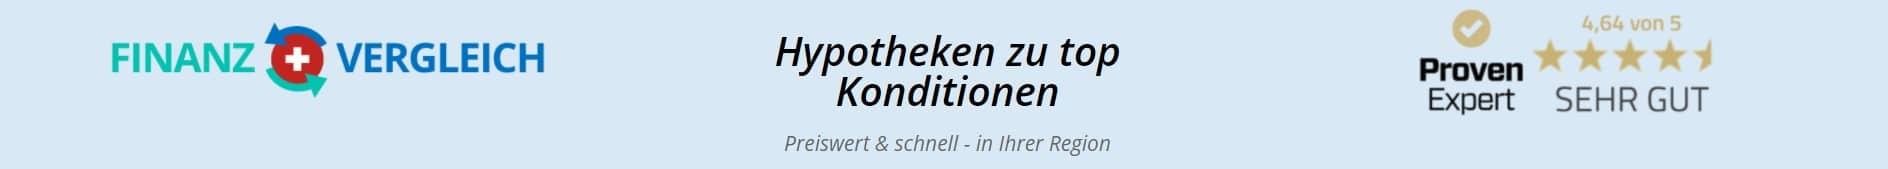 finanz-vergleich.ch Anfrage